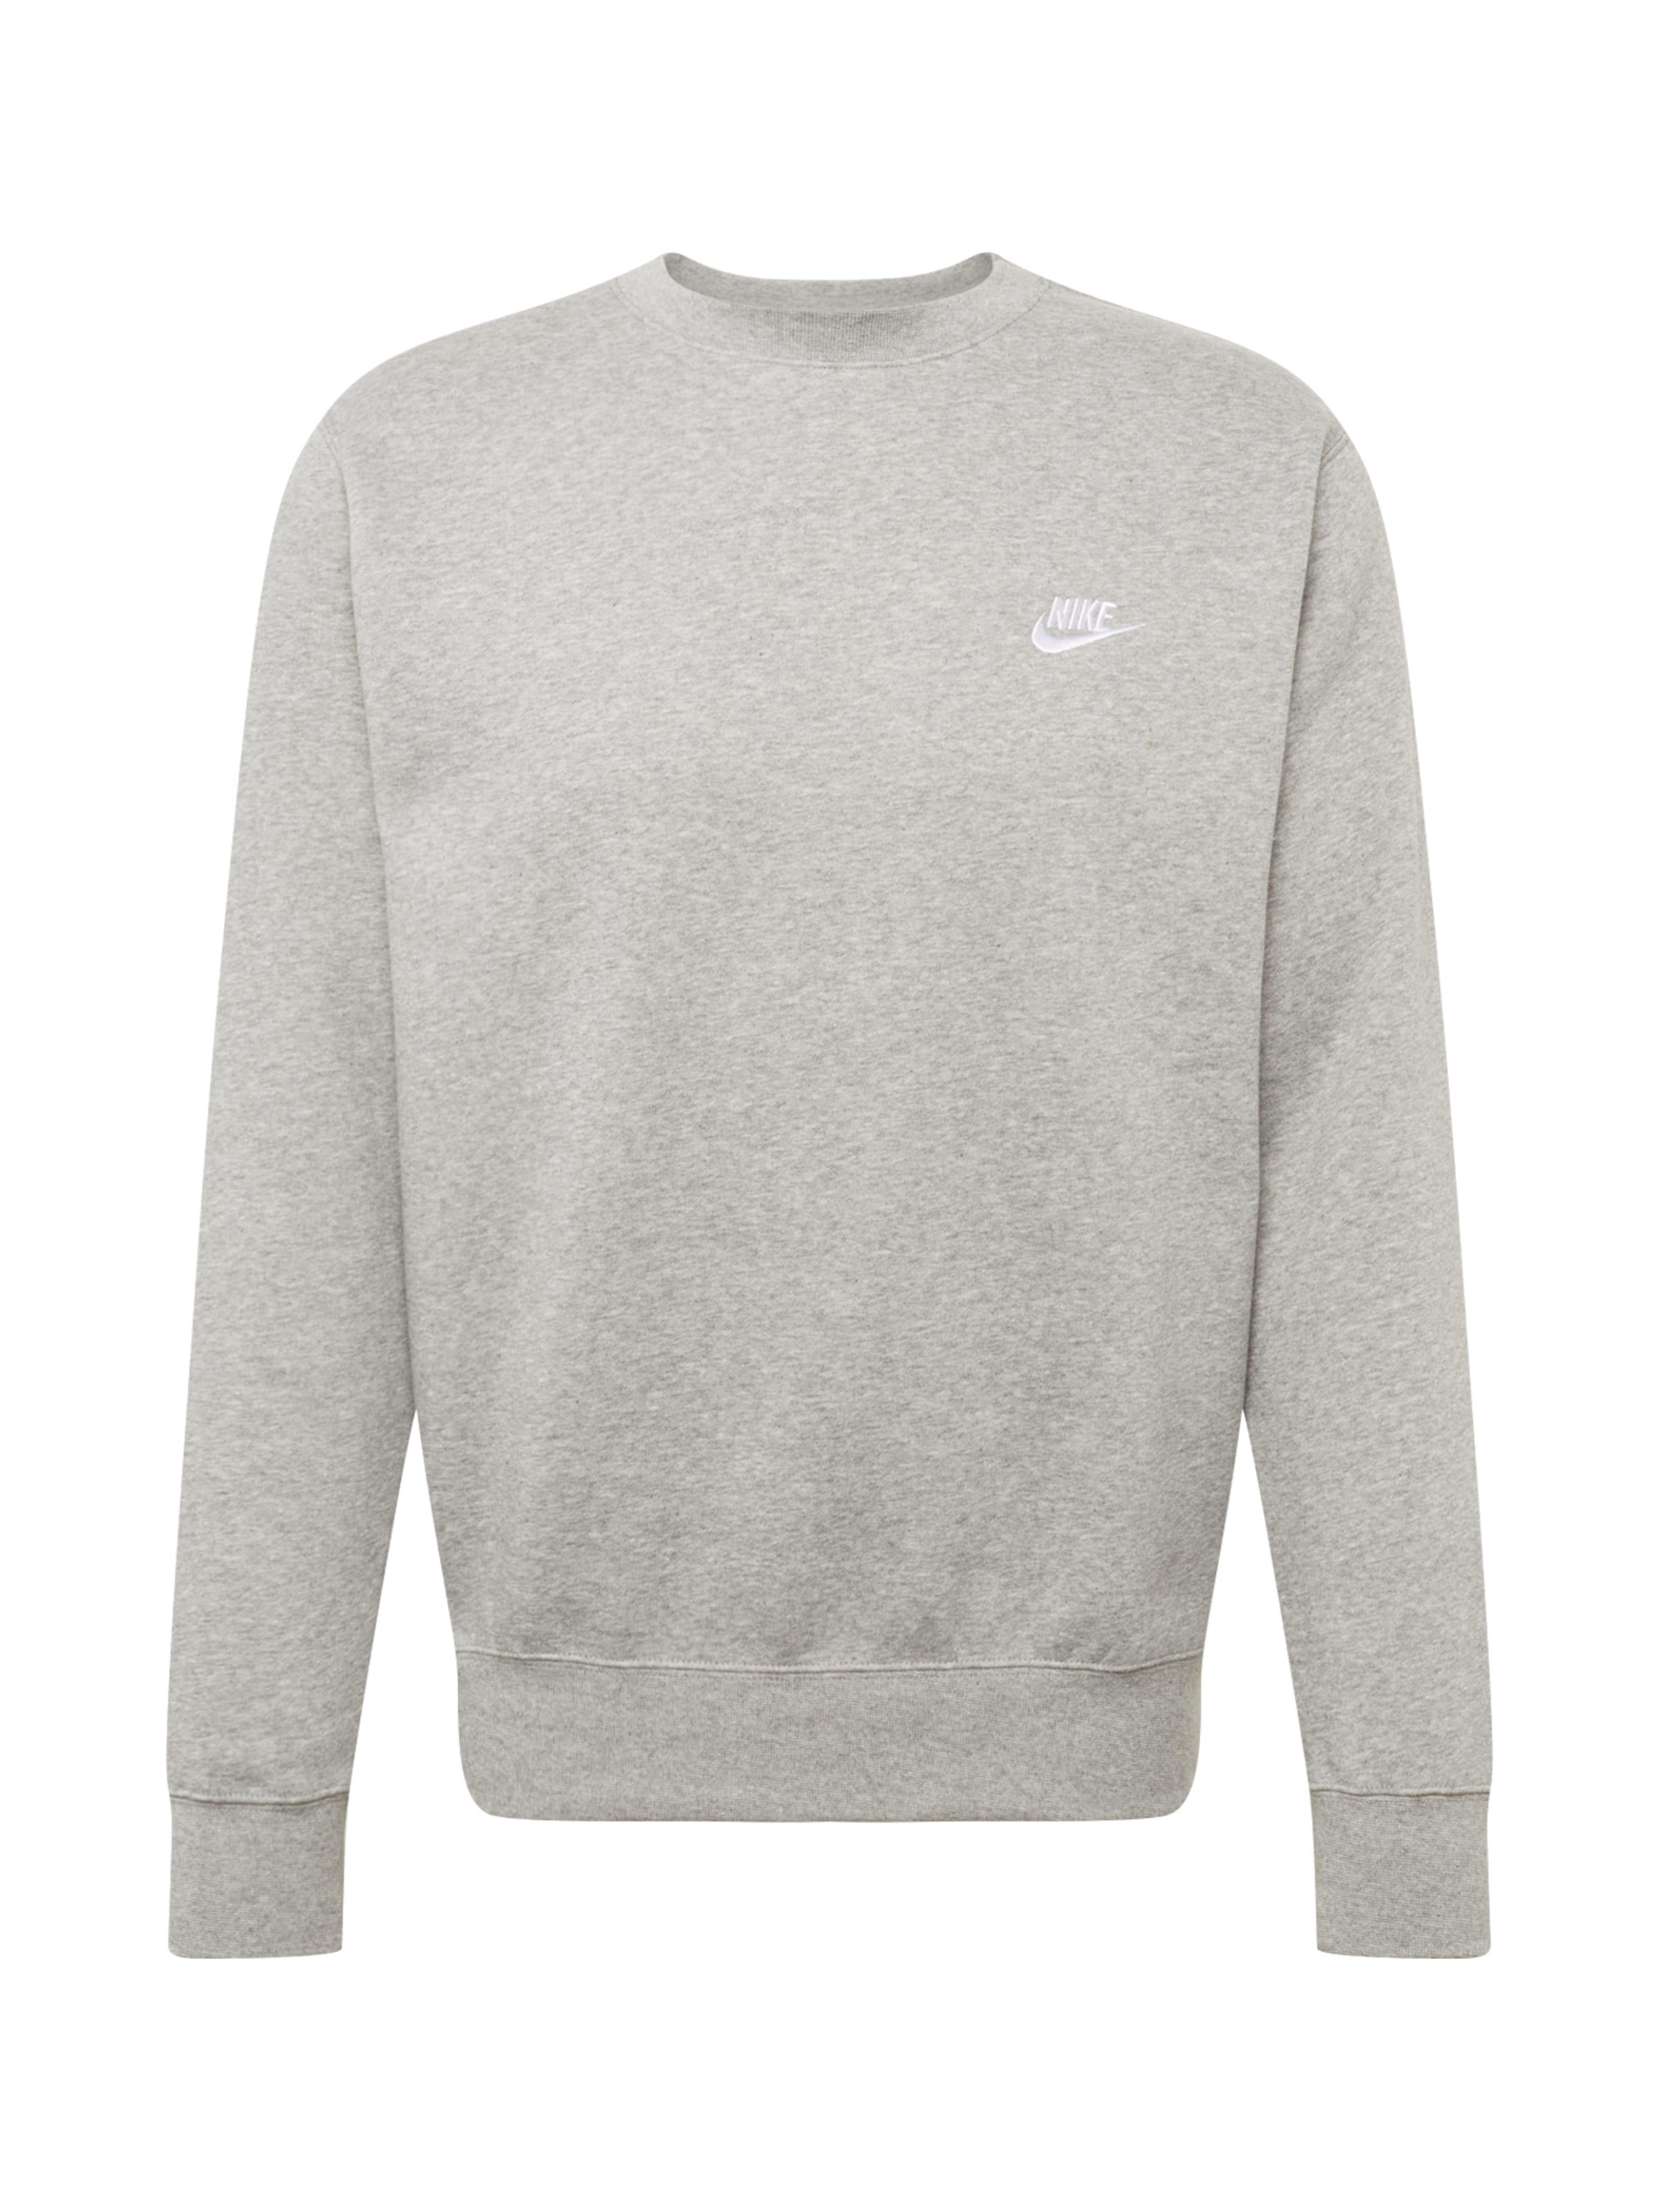 Sportswear Gris shirt Sweat Nike En nwOk80PX